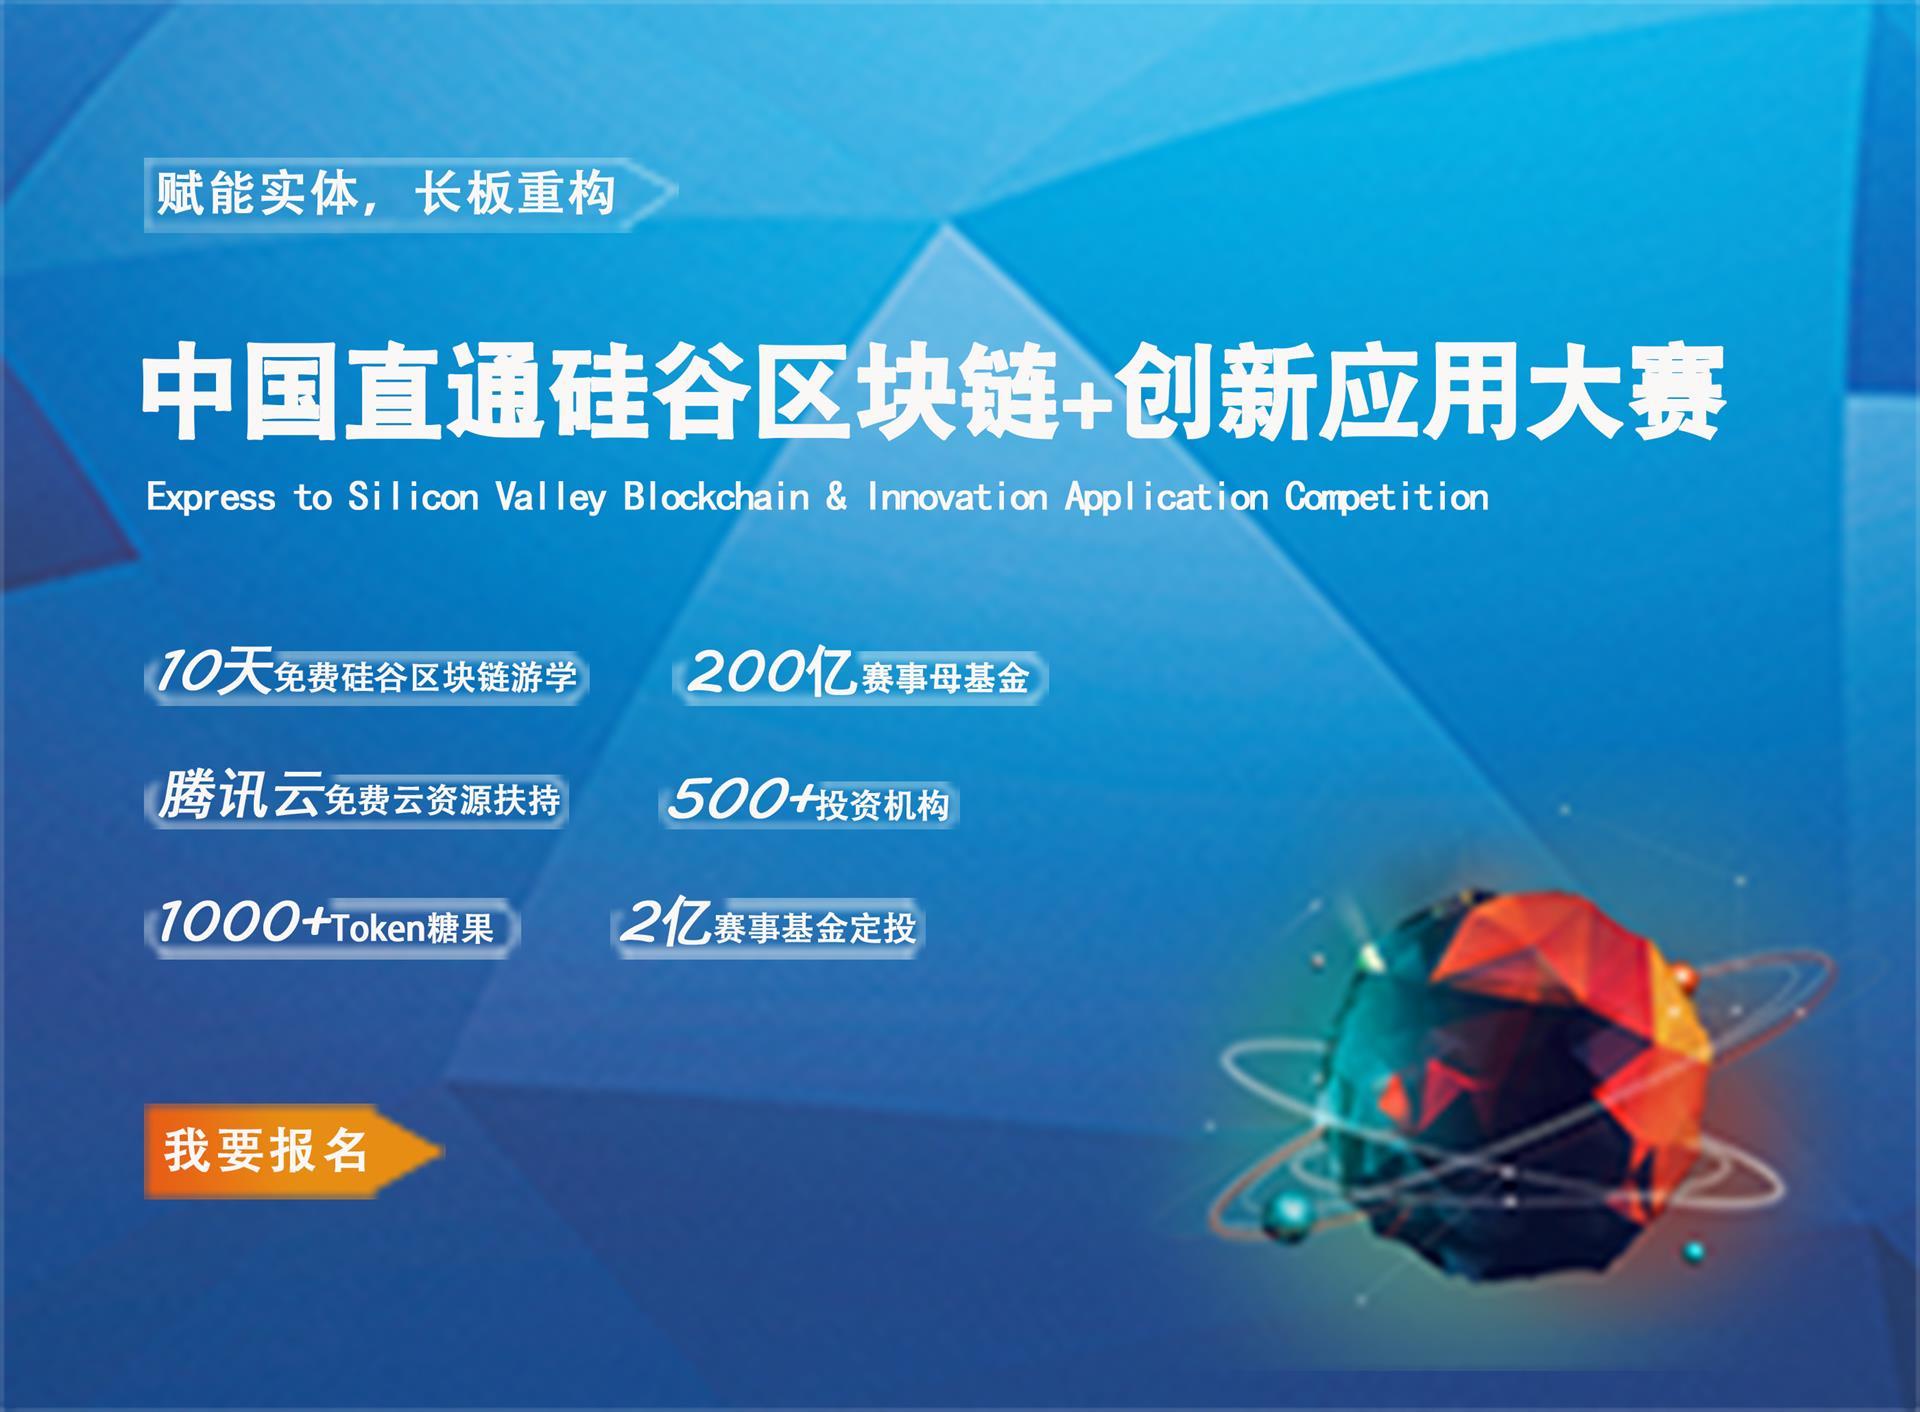 中国直通硅谷区块链 创新应用大赛